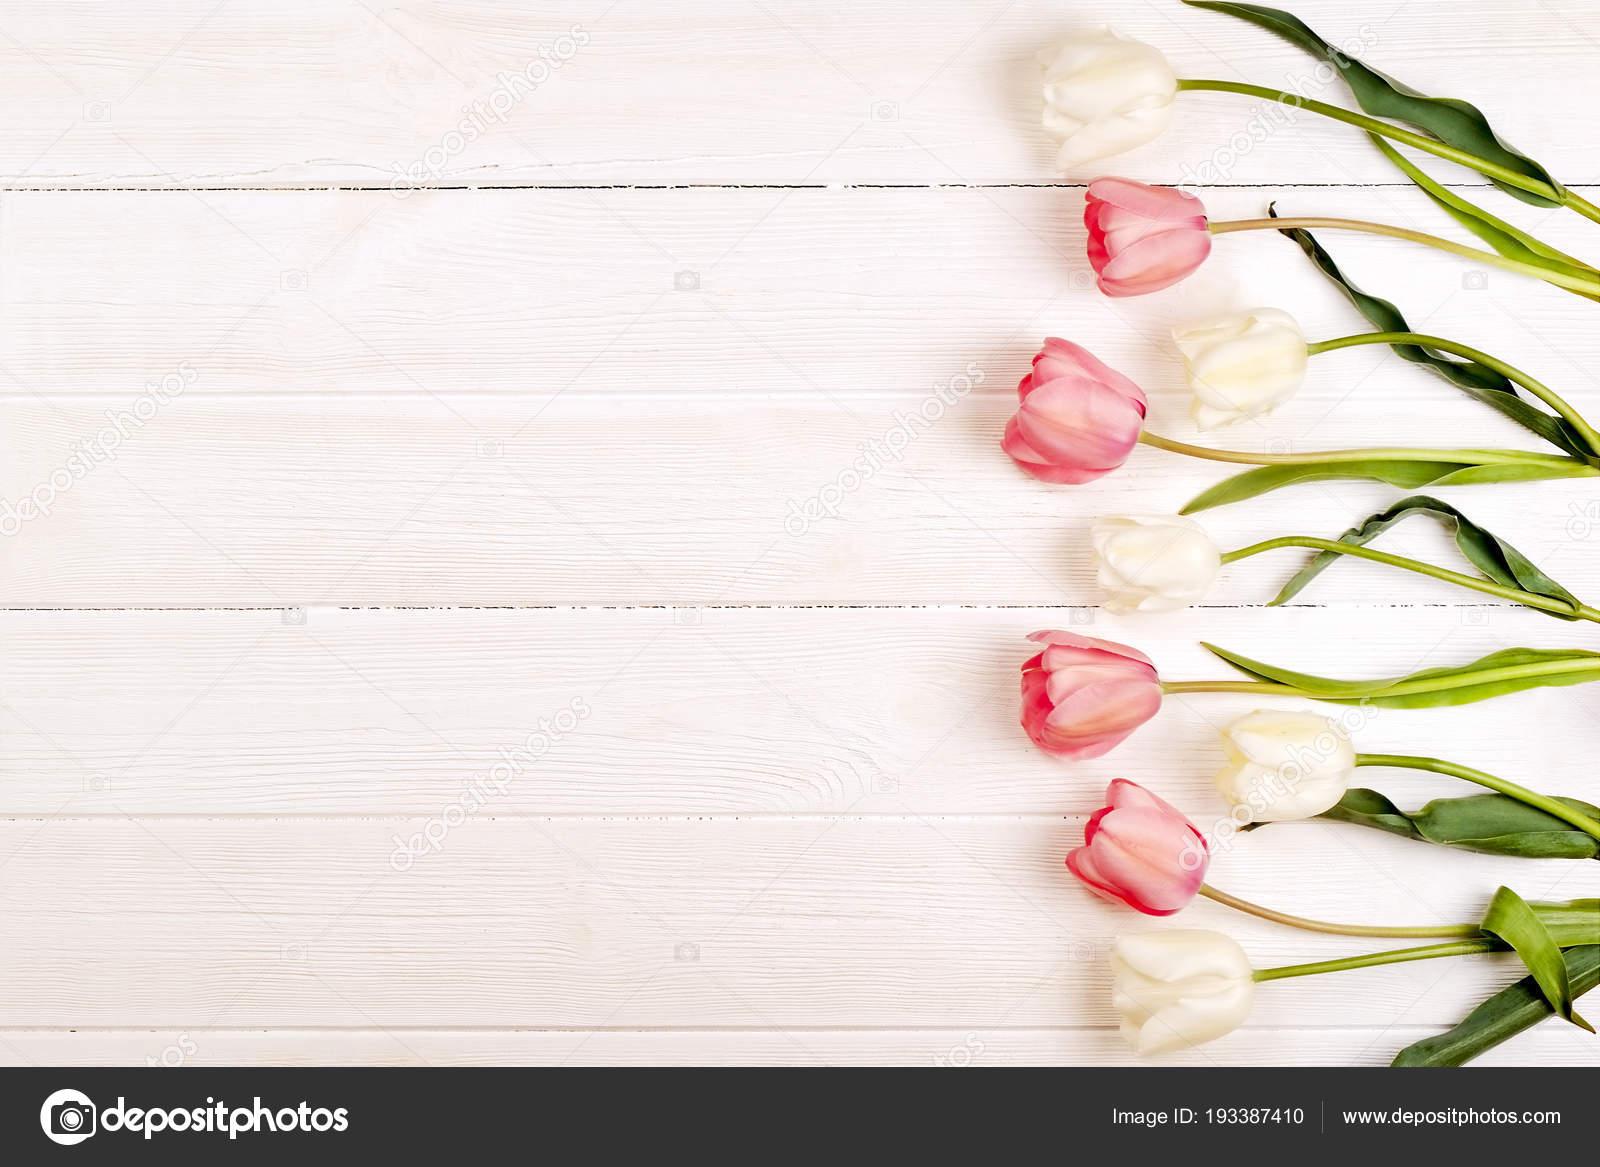 Zarte Minimalistisch Fruhling Blumen Auf Texturoberflache